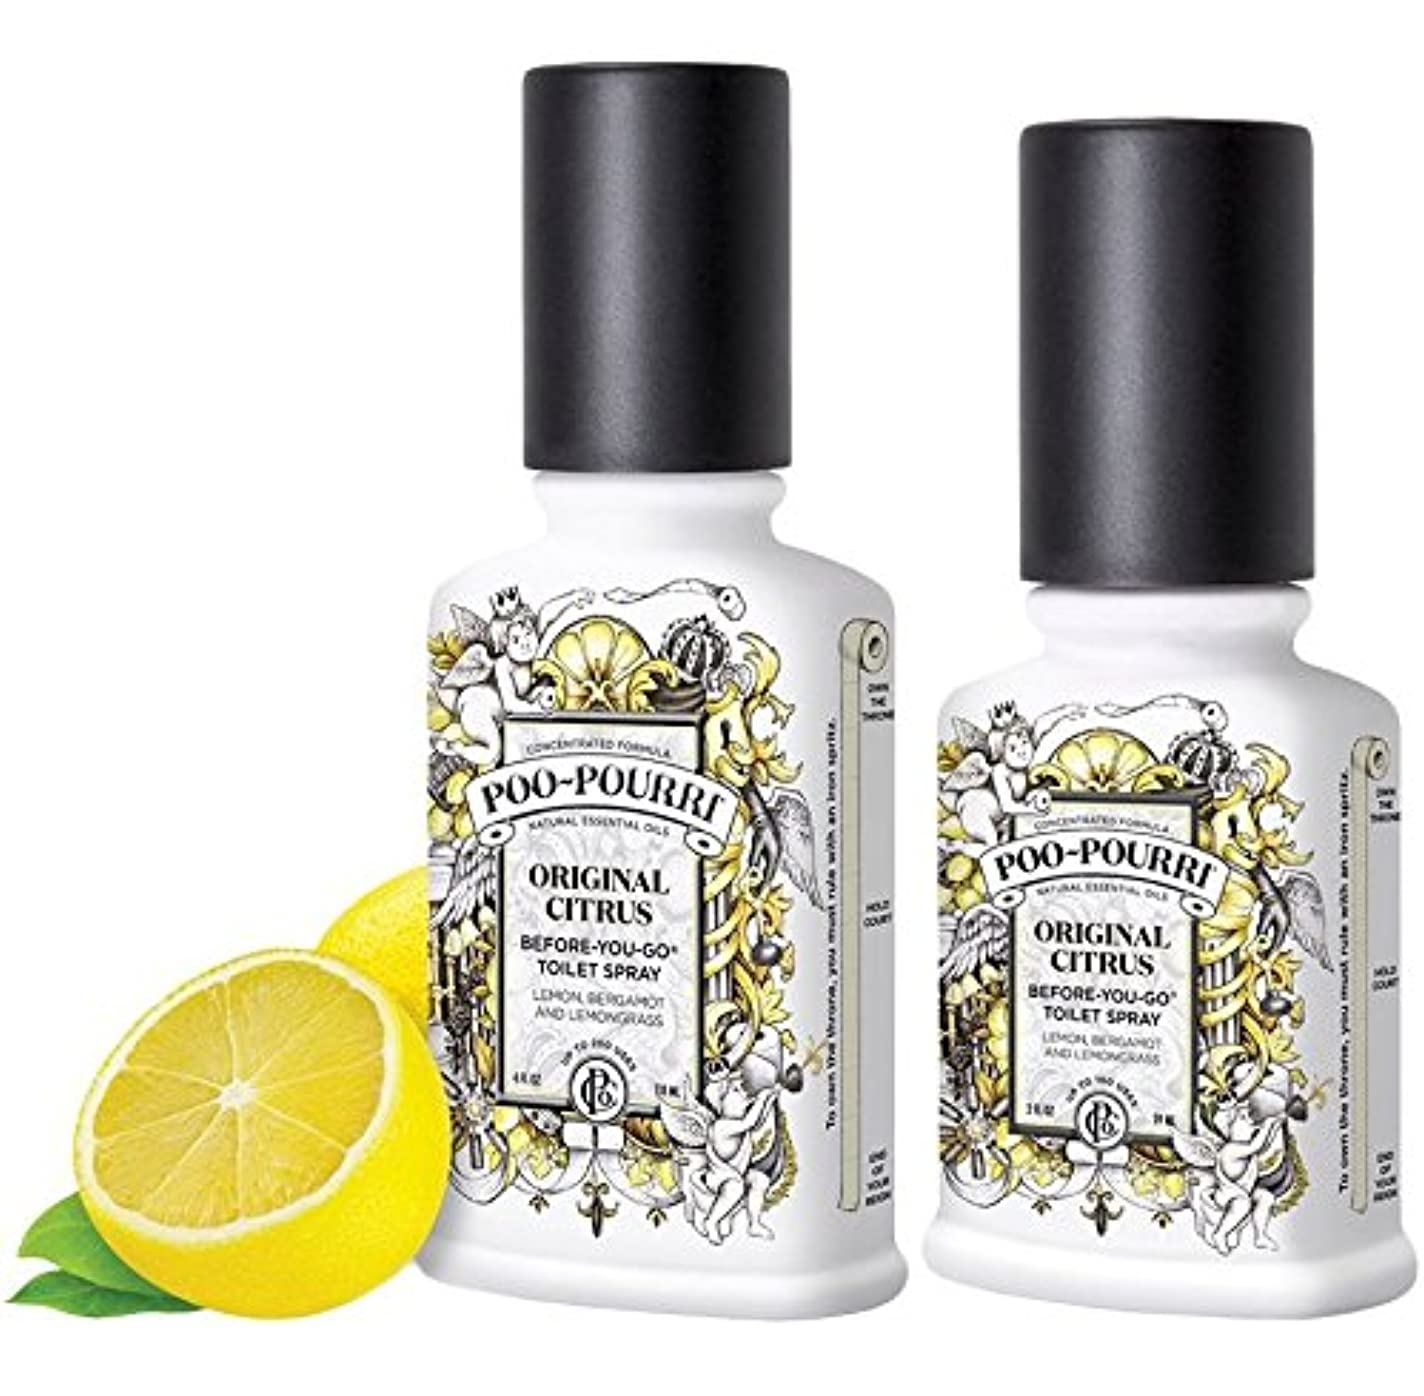 エレメンタルうつカテゴリー(Original) - Poo-Pourri Preventive Bathroom Odour Spray 2-Piece Set, Includes 60ml and 120ml Bottle, Poo-Pourri Original